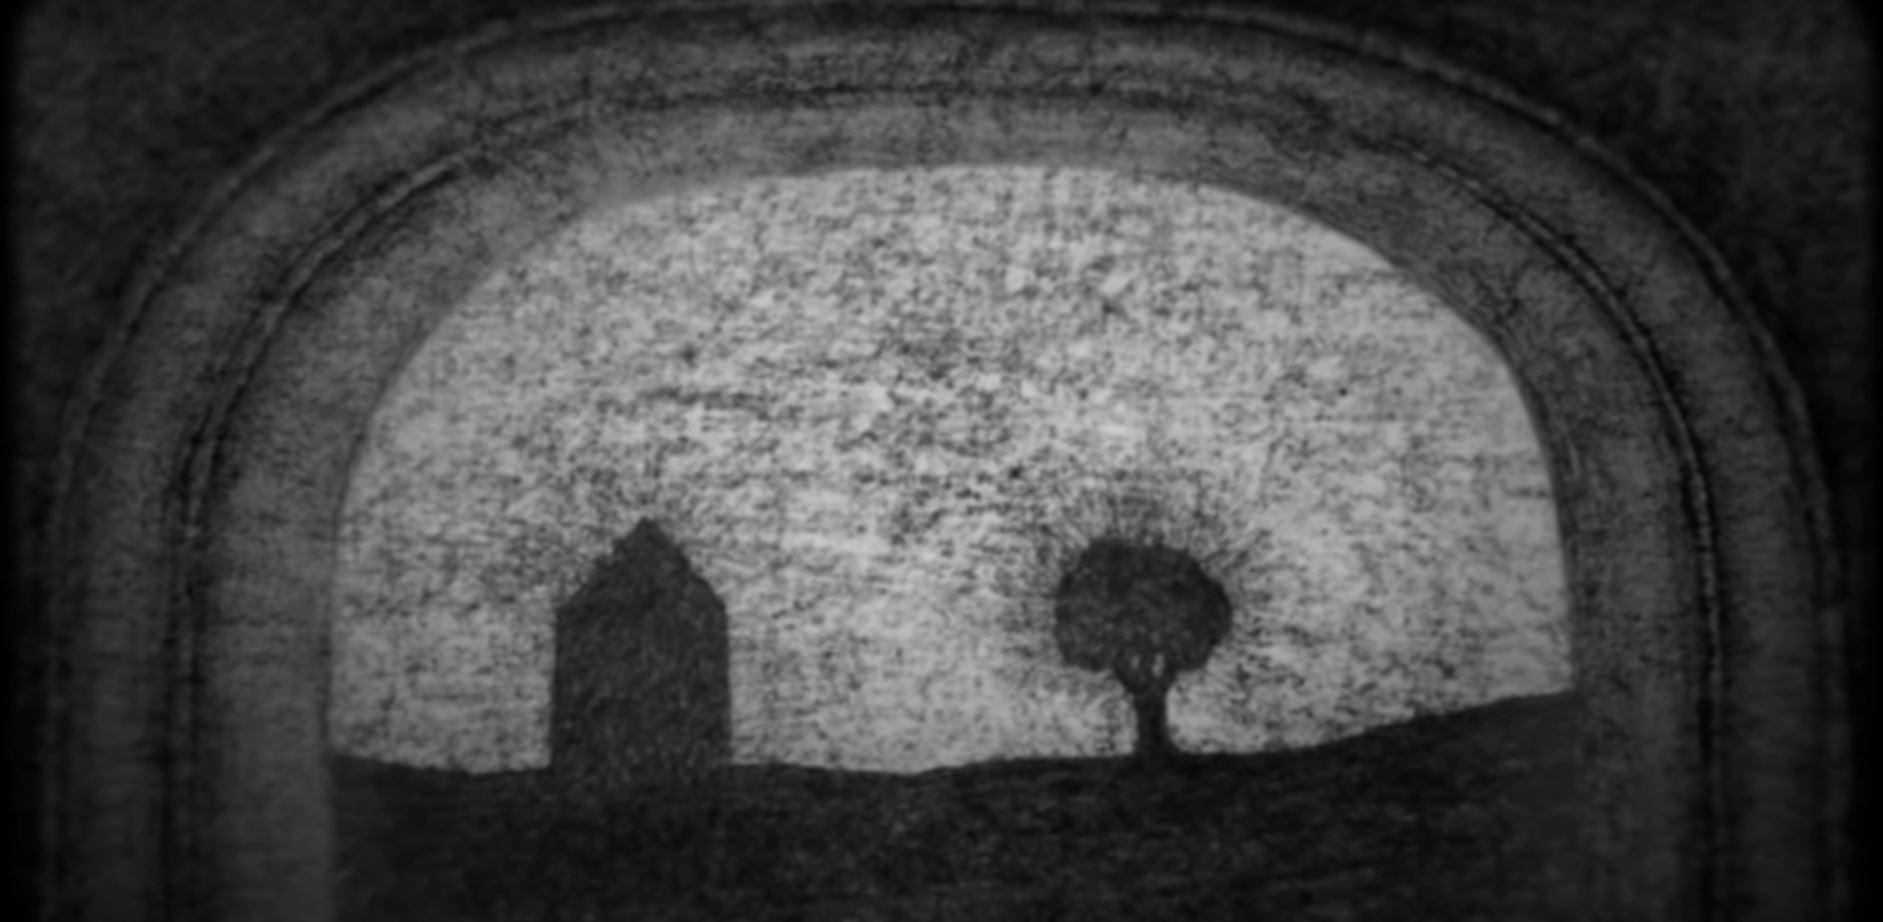 Короткометражка: Fire (Pozar) Дэвида Линча. Кассетное кино сатмосферой тревожности